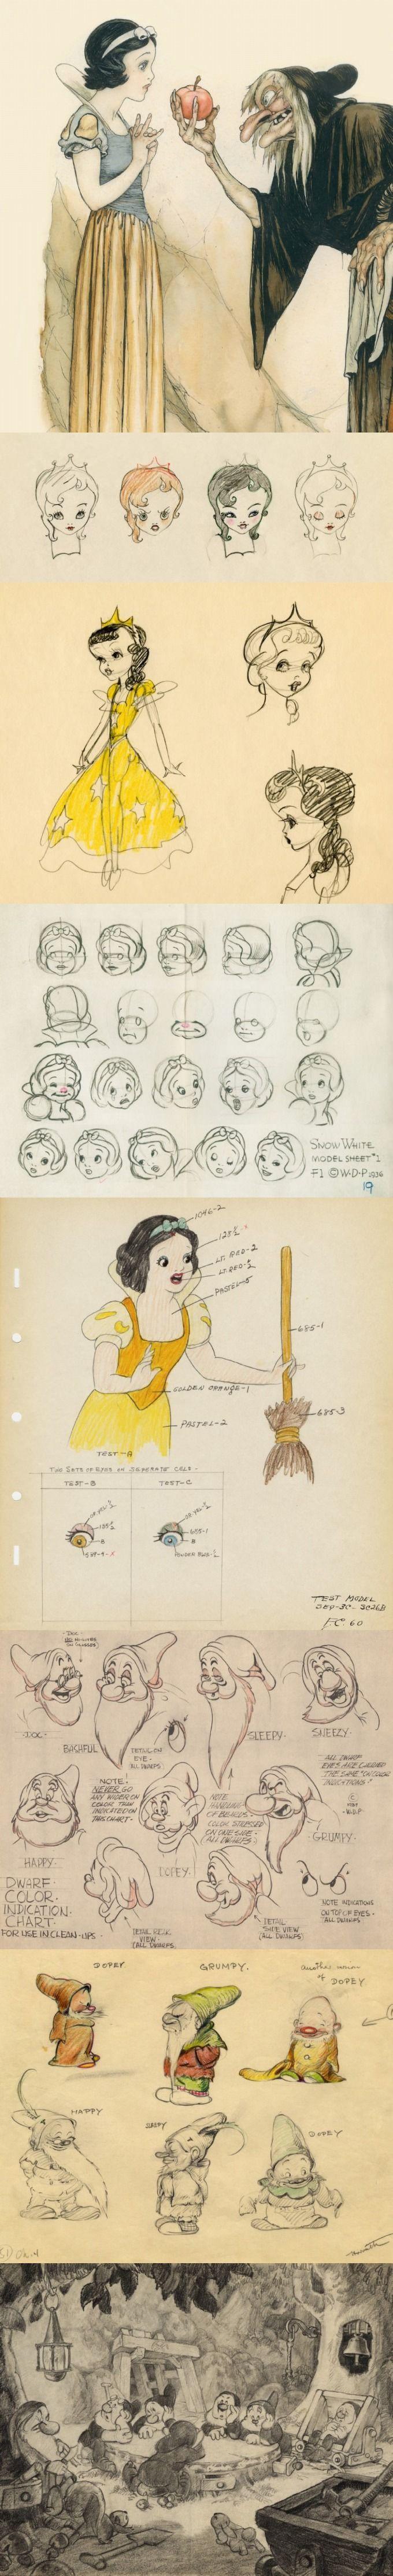 9GAG - The Art of Snow White and the Seven Dwarfs via PinCG.com